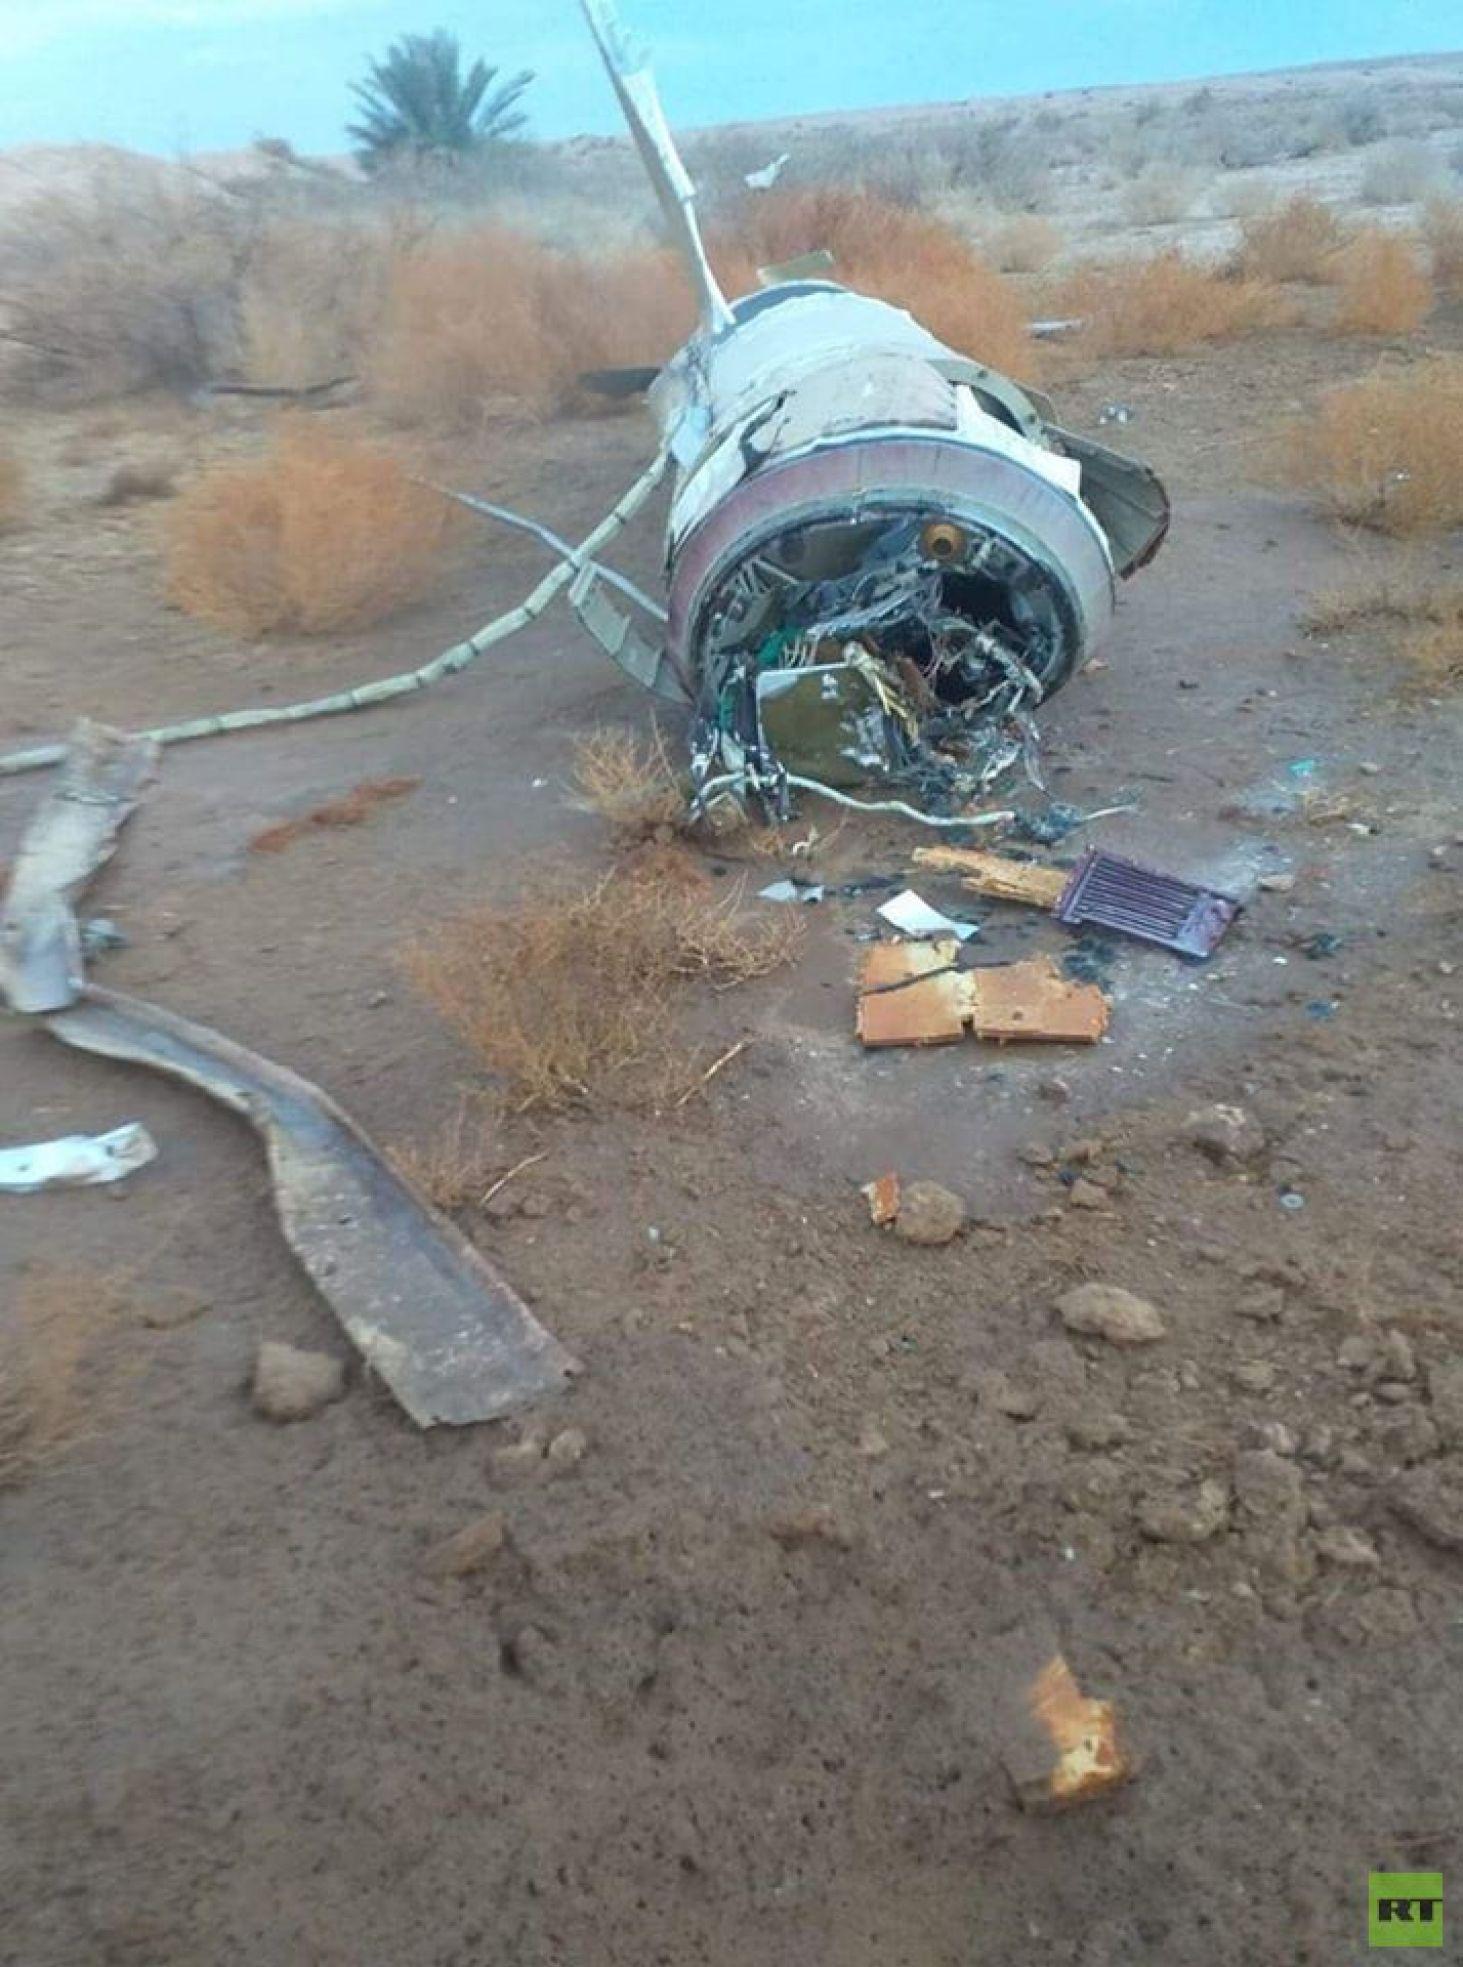 أجزاء من الصواريخ الإيرانية التي سقطت غربي العراق (صور)